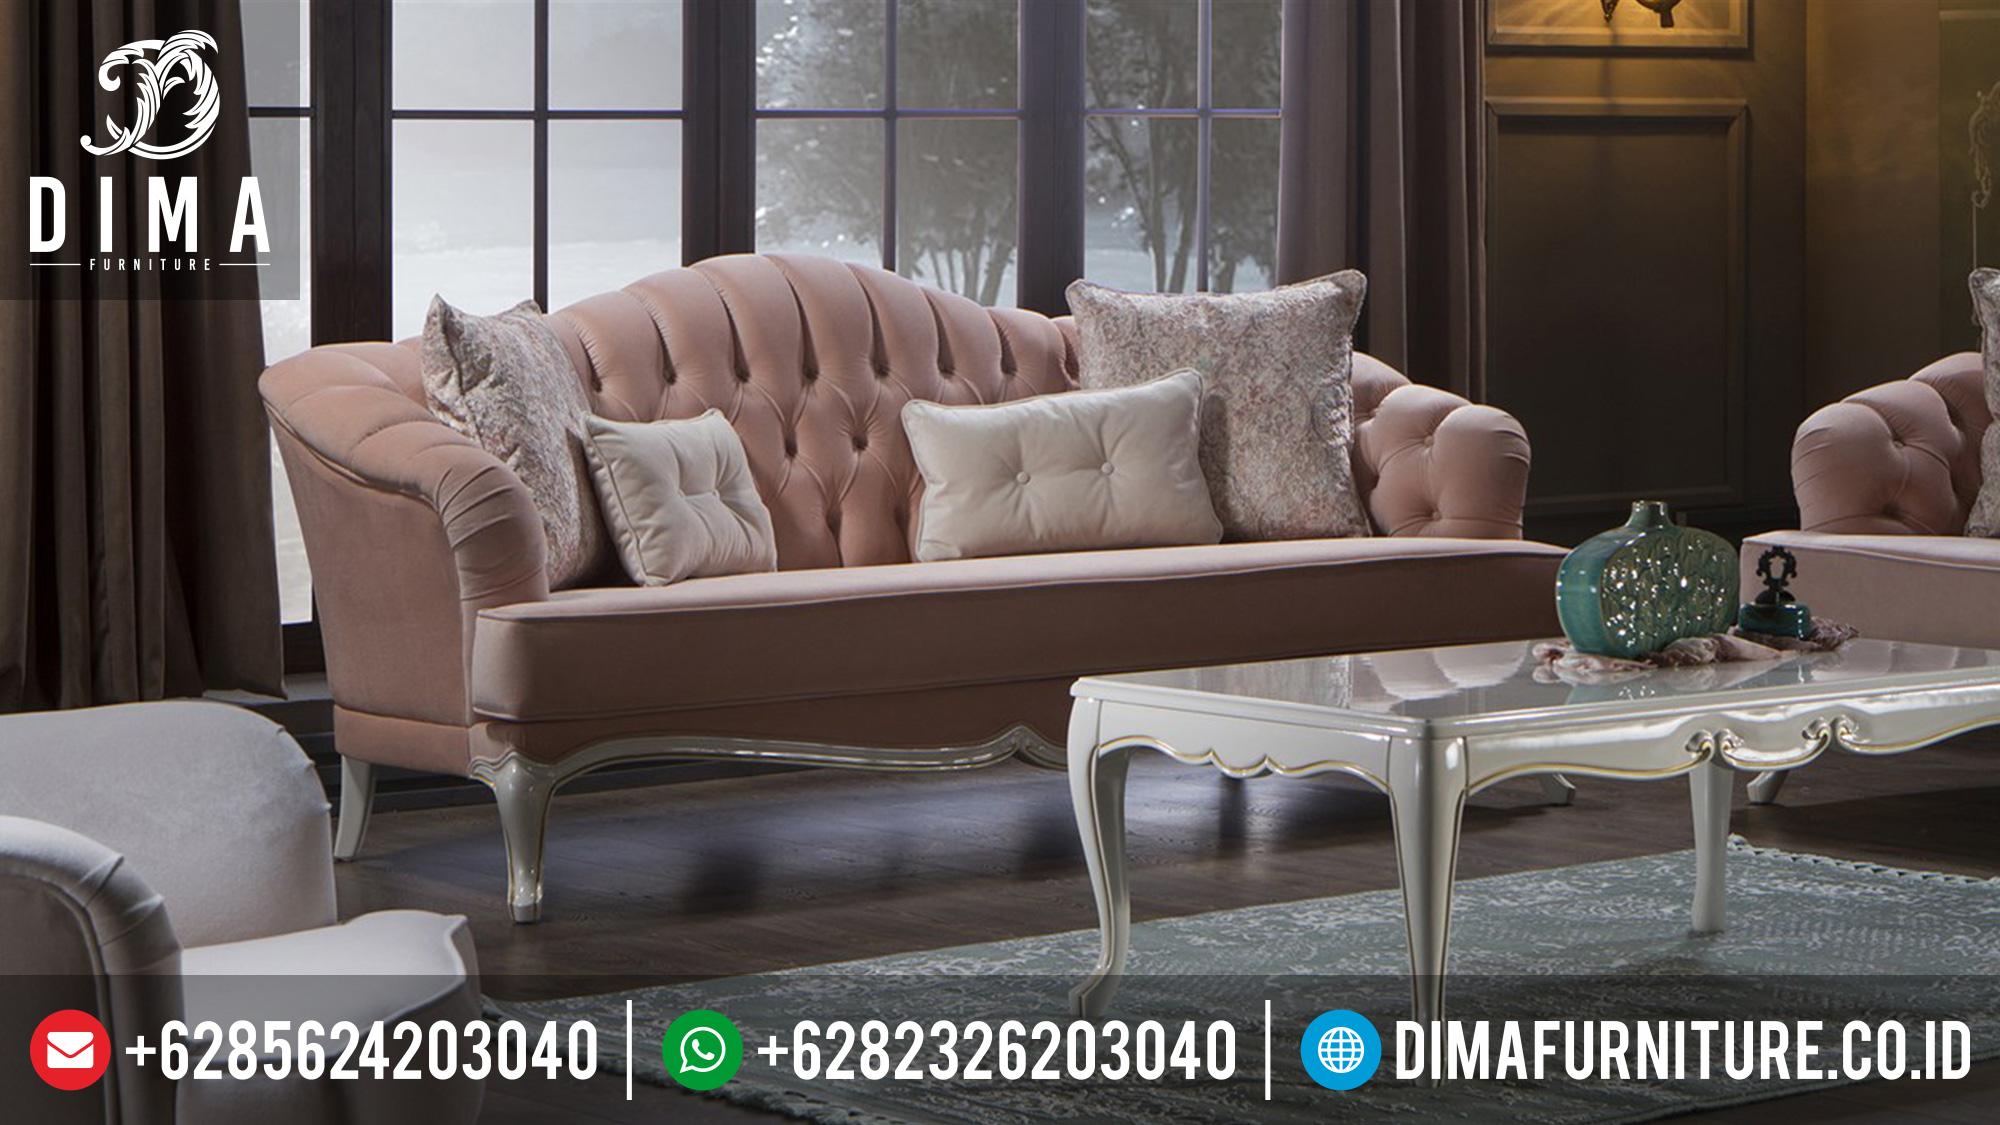 Sofa Tamu Jepara Mewah Minimalis Revita ST-0387 Gambar 1